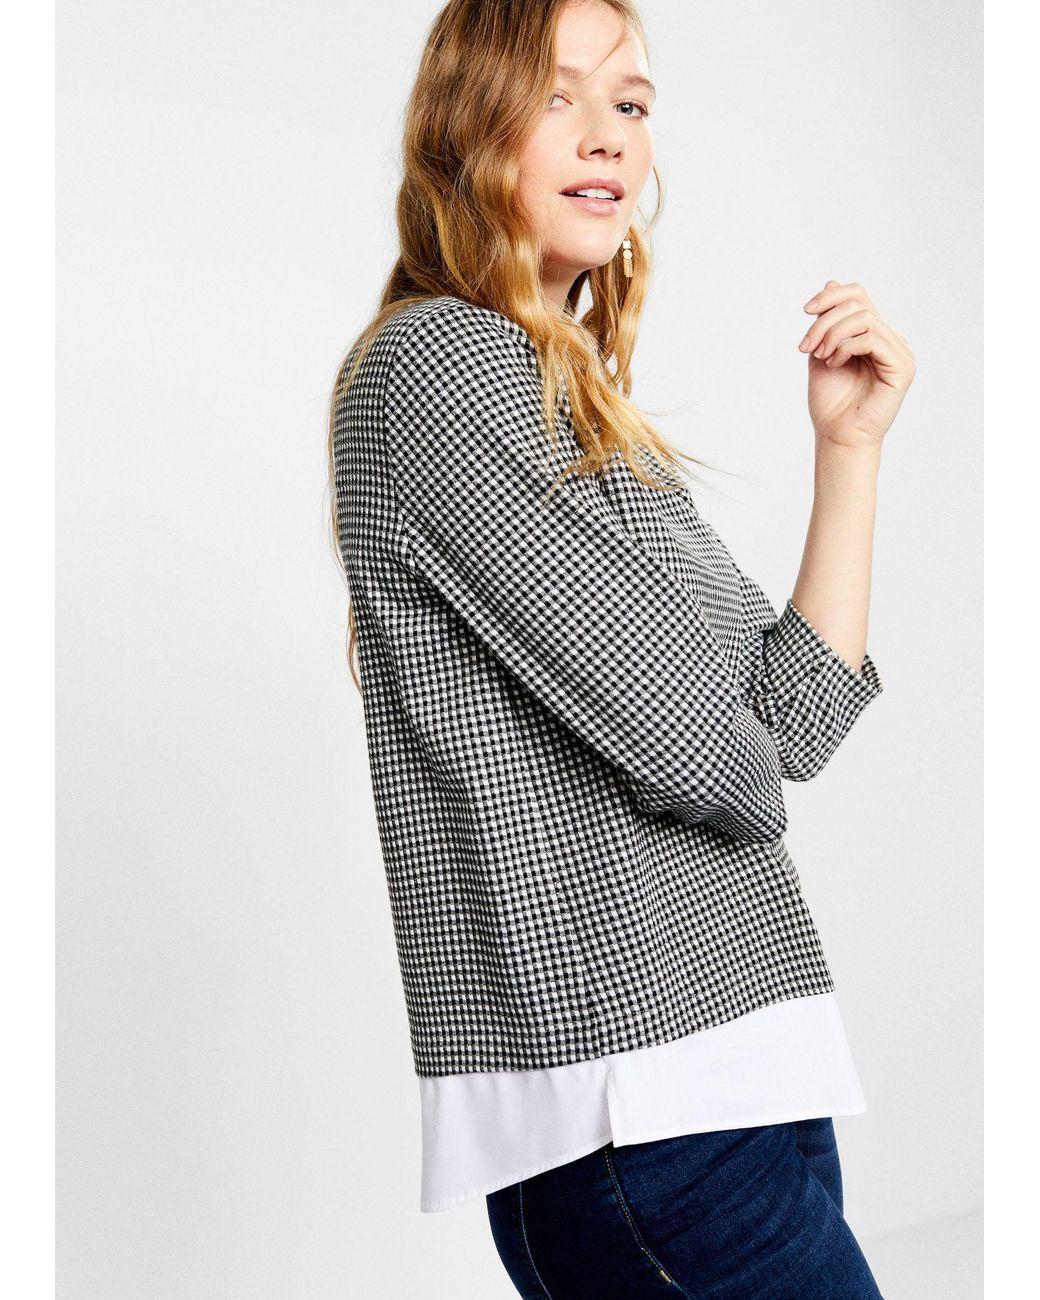 307f4a07b Violeta by Mango Gingham Check Contrast Sweatshirt in Black - Lyst